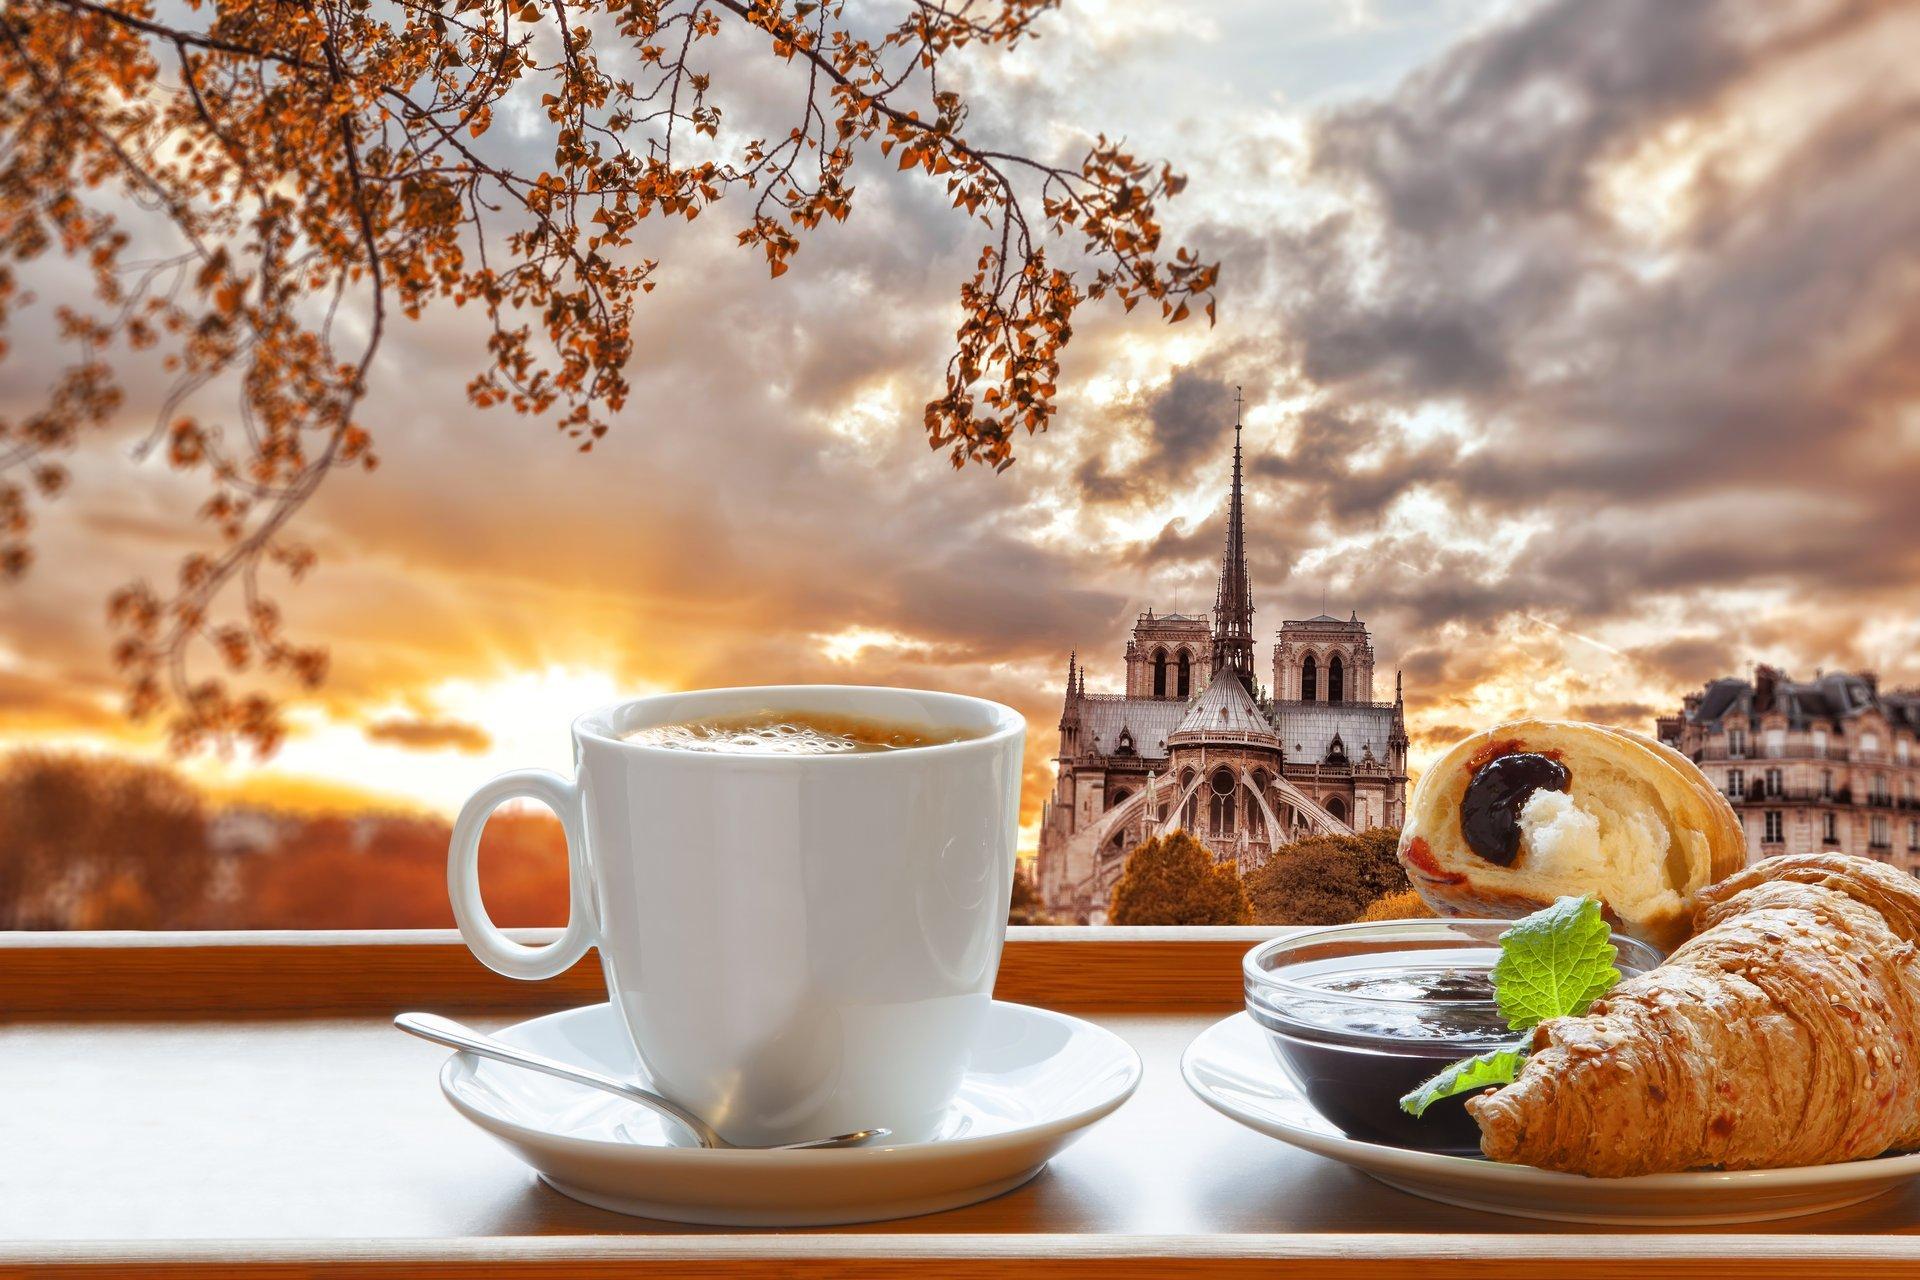 breakfast-coffee-cup-croissant-paris-france-notre-dame-cathedral-breakfast-coffee-croissant-jam-paris-notre-dame